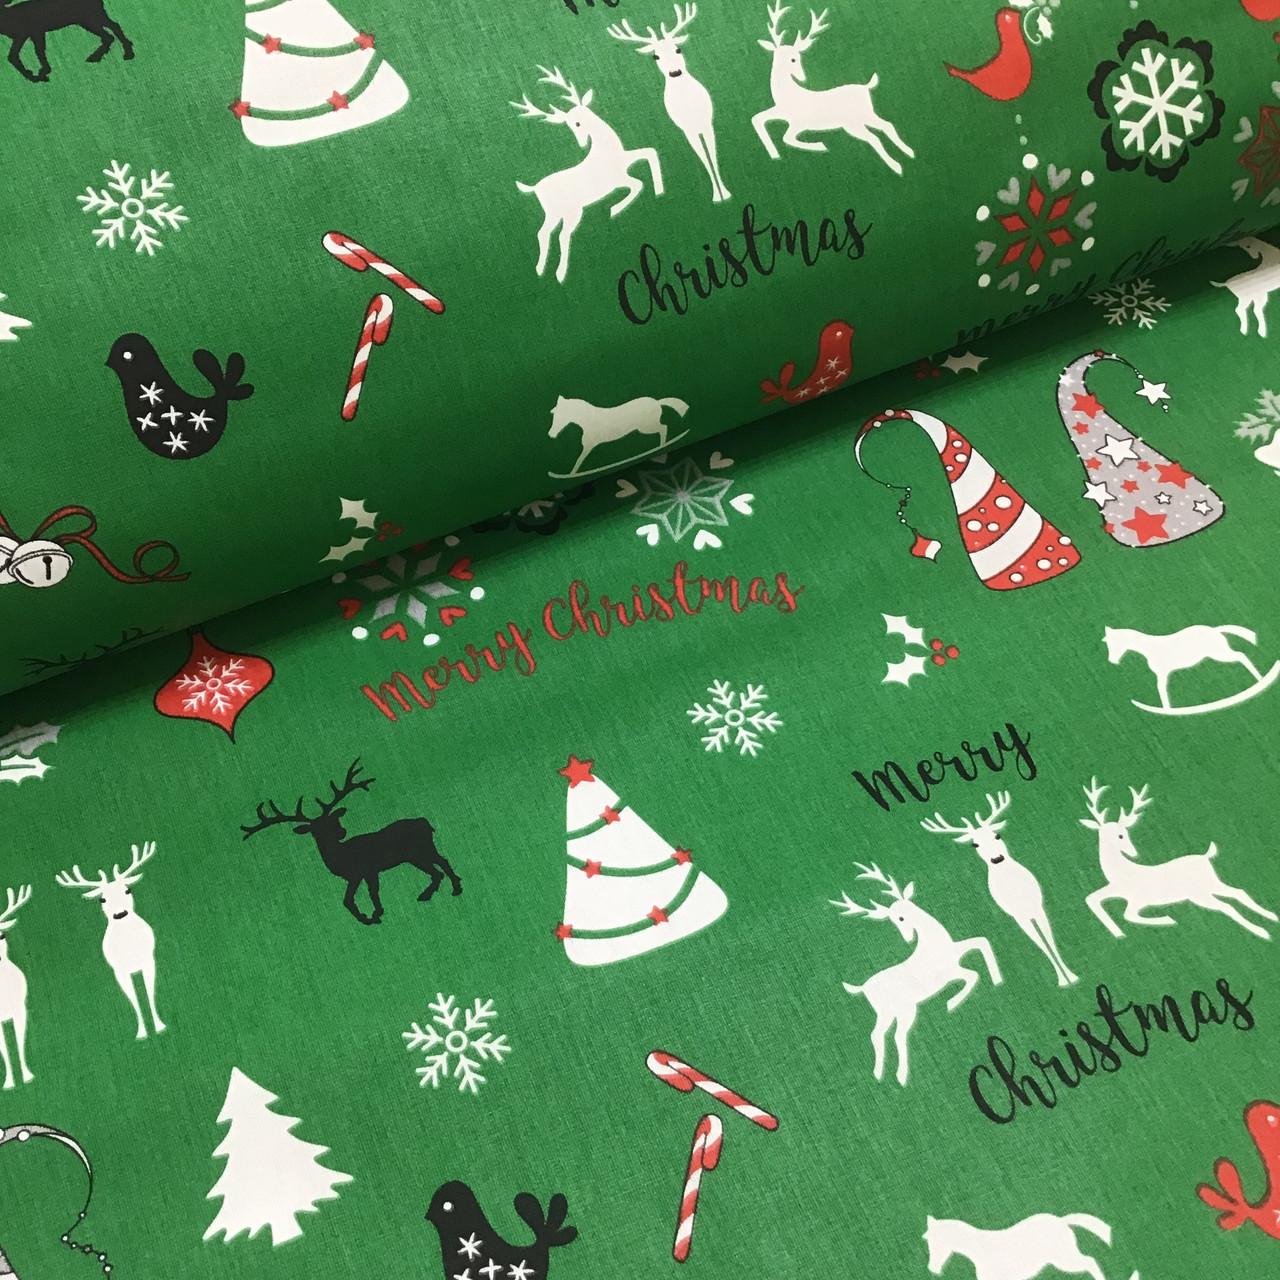 Ткань хлопковая новогодняя, Christmas на зеленом